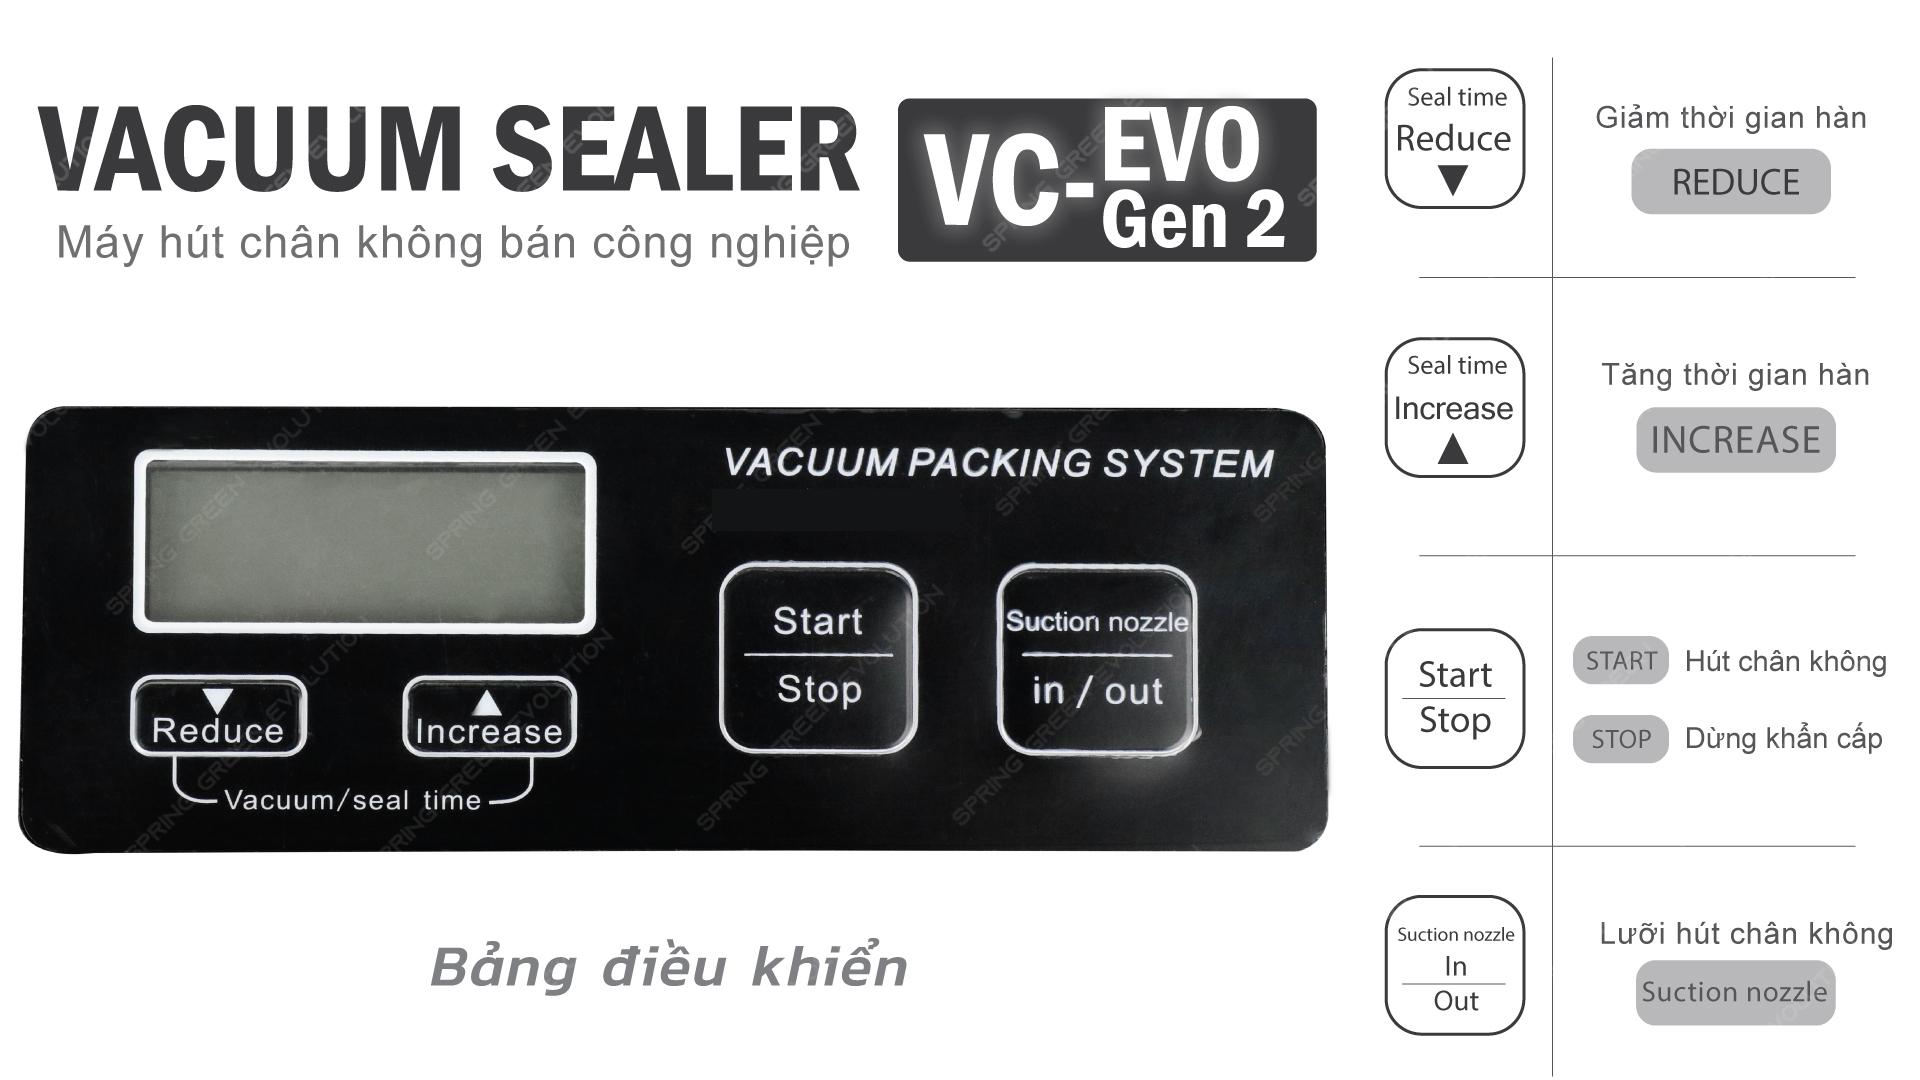 Máy-hút-chân-không-toà-diện-VC-EVO-pennal-v.4